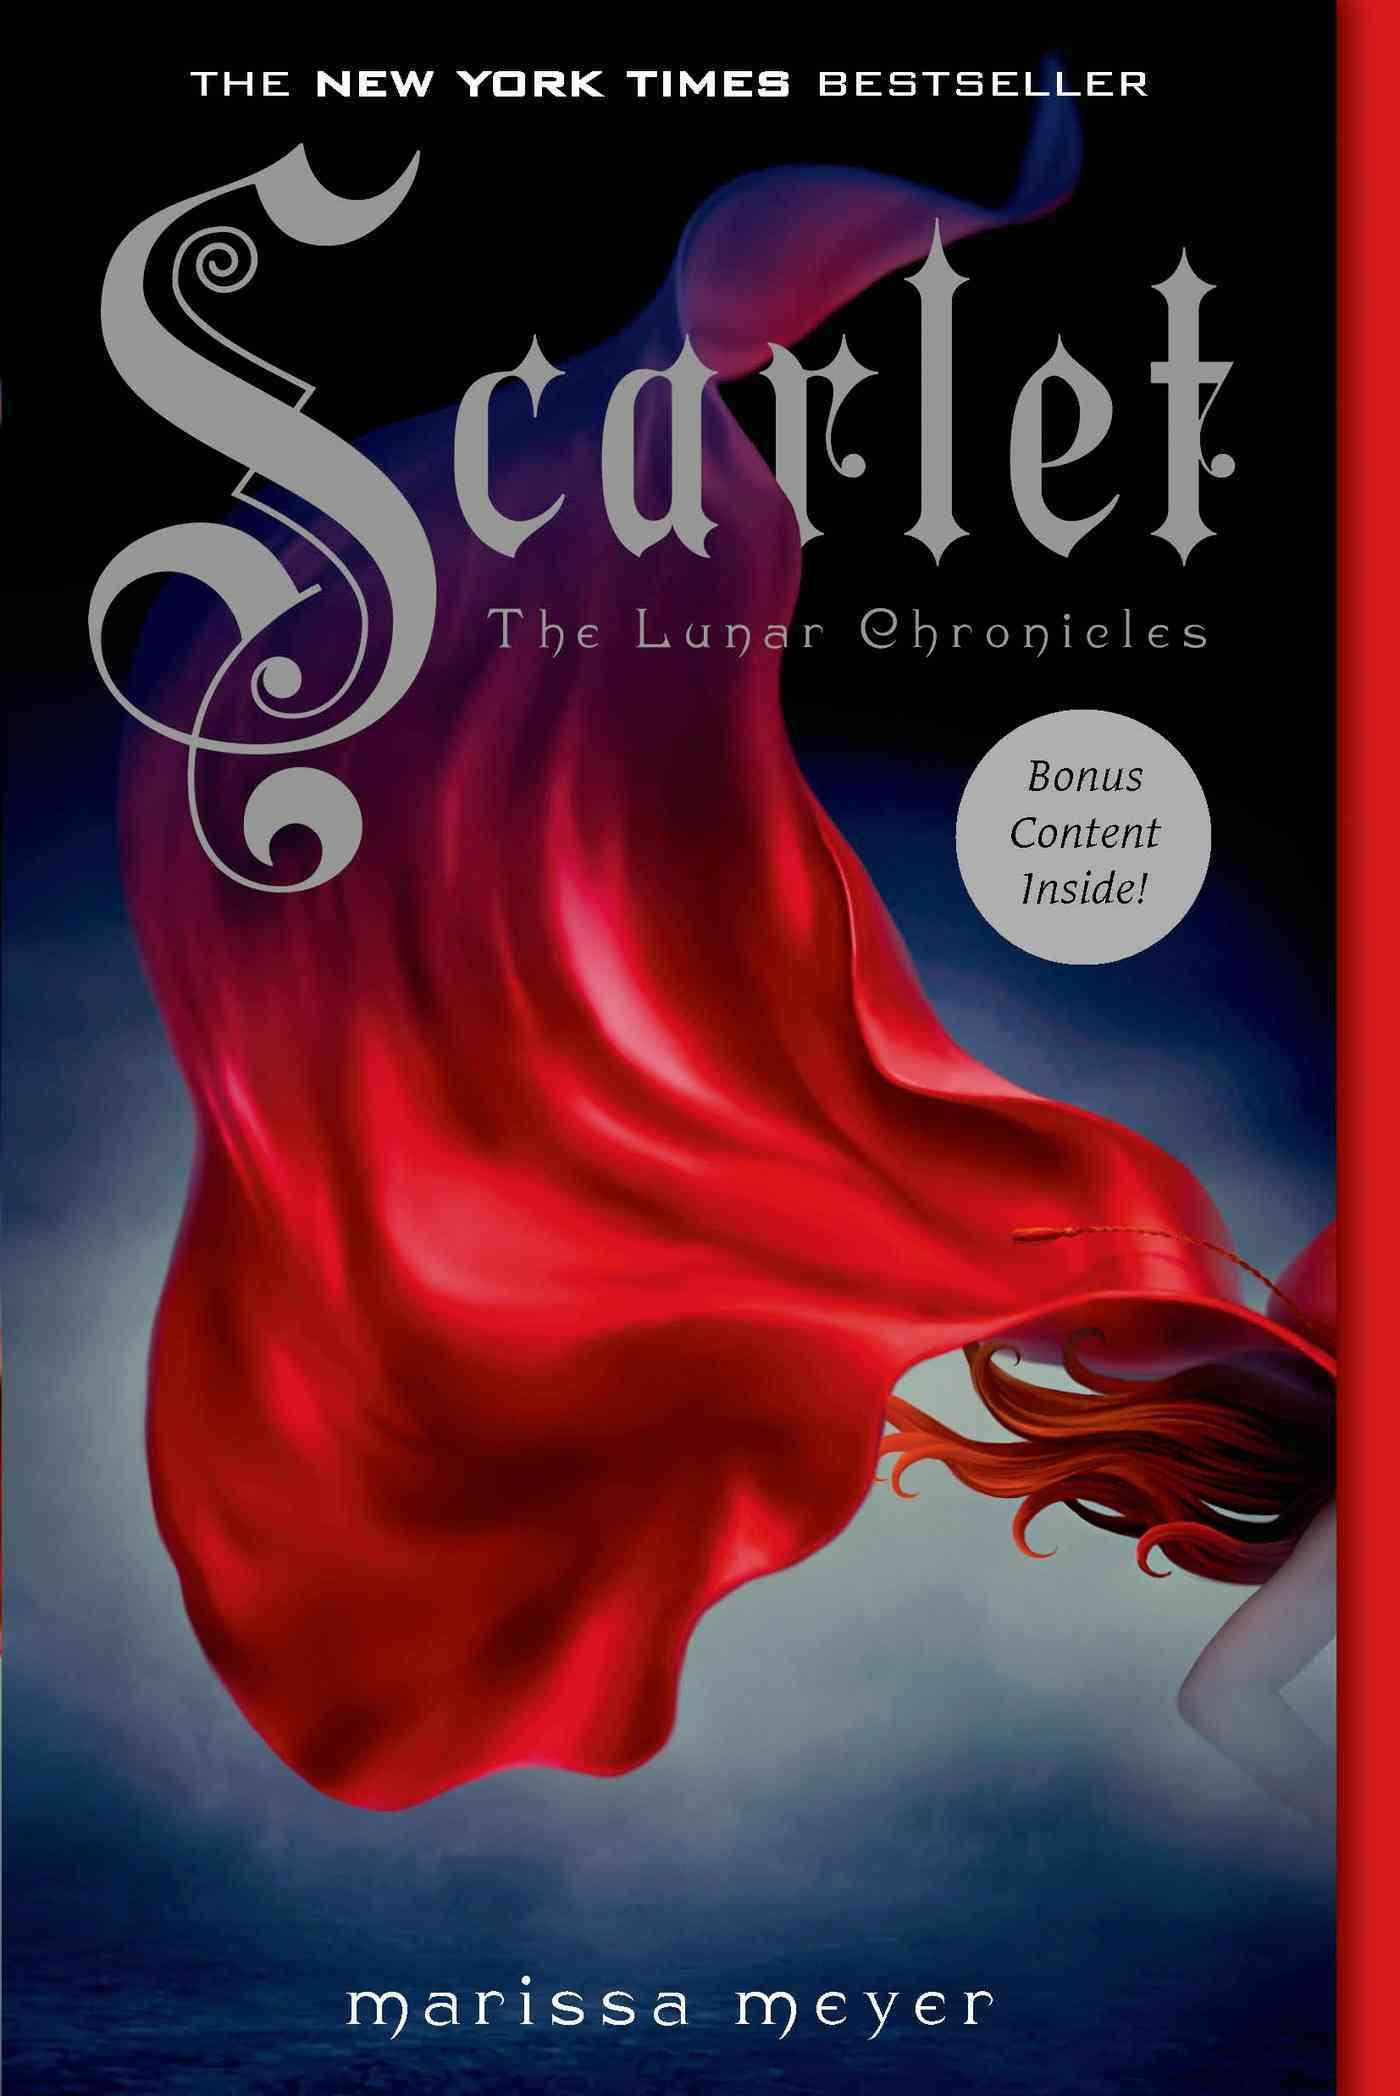 Scarlet (Paperback)